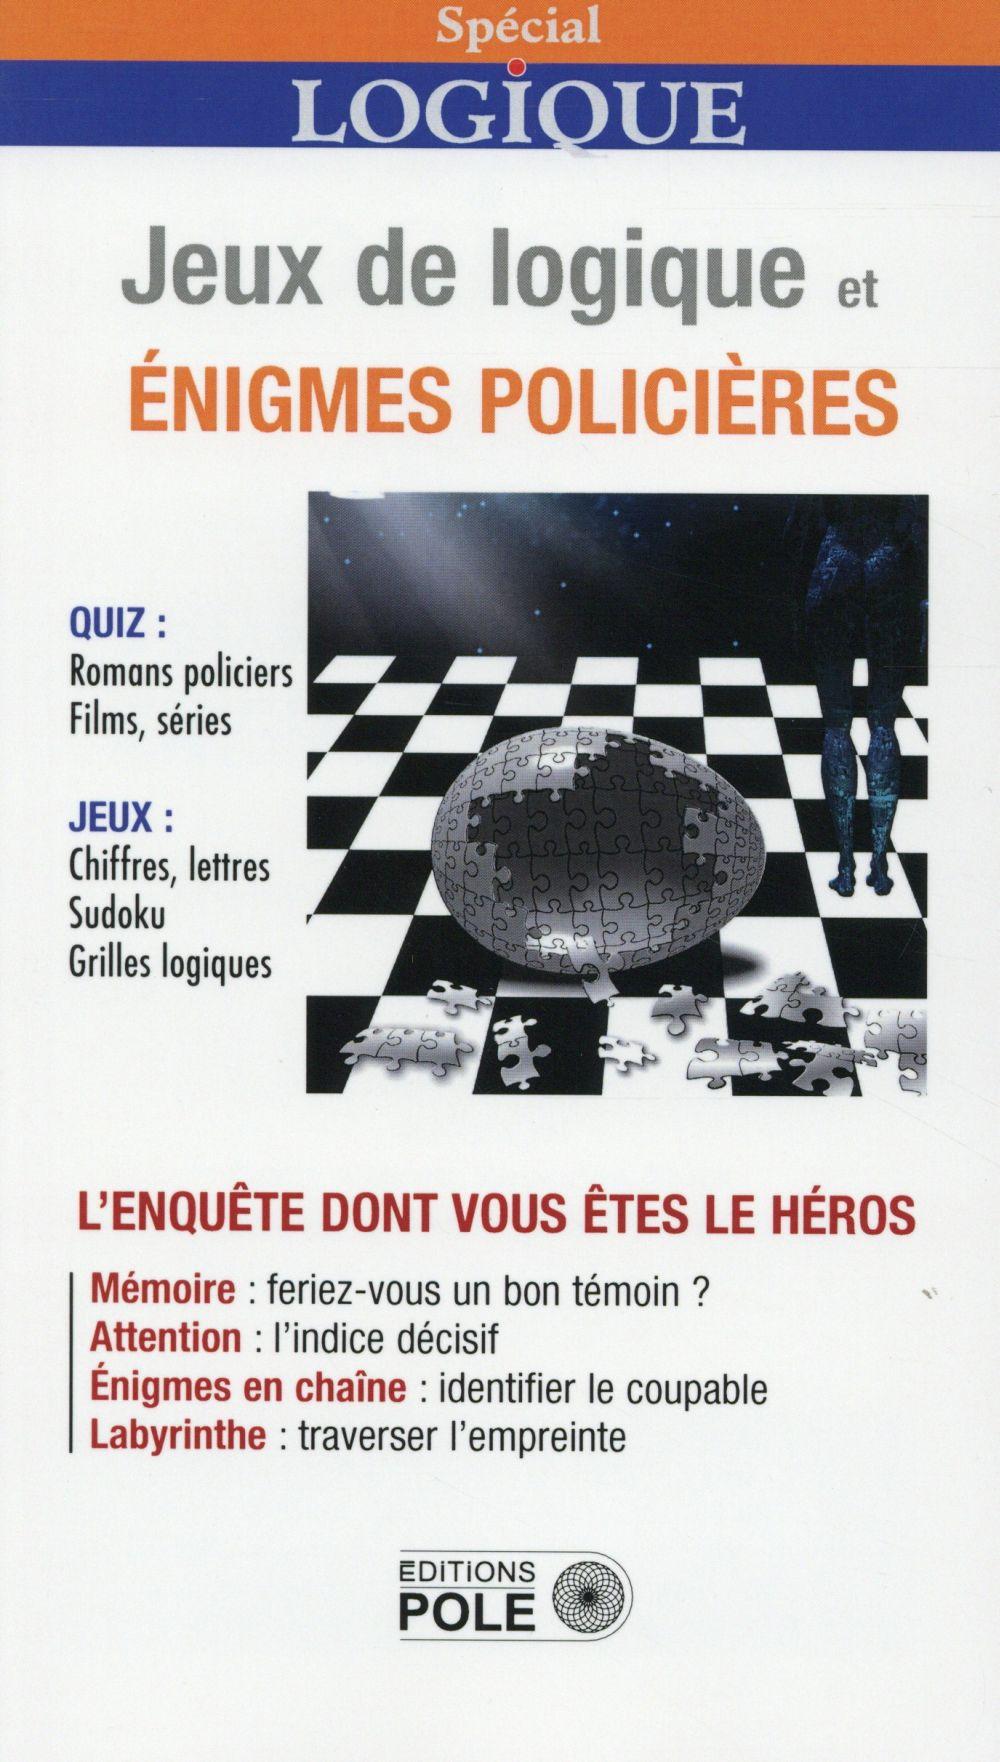 Jeux logiques et énigmes policières